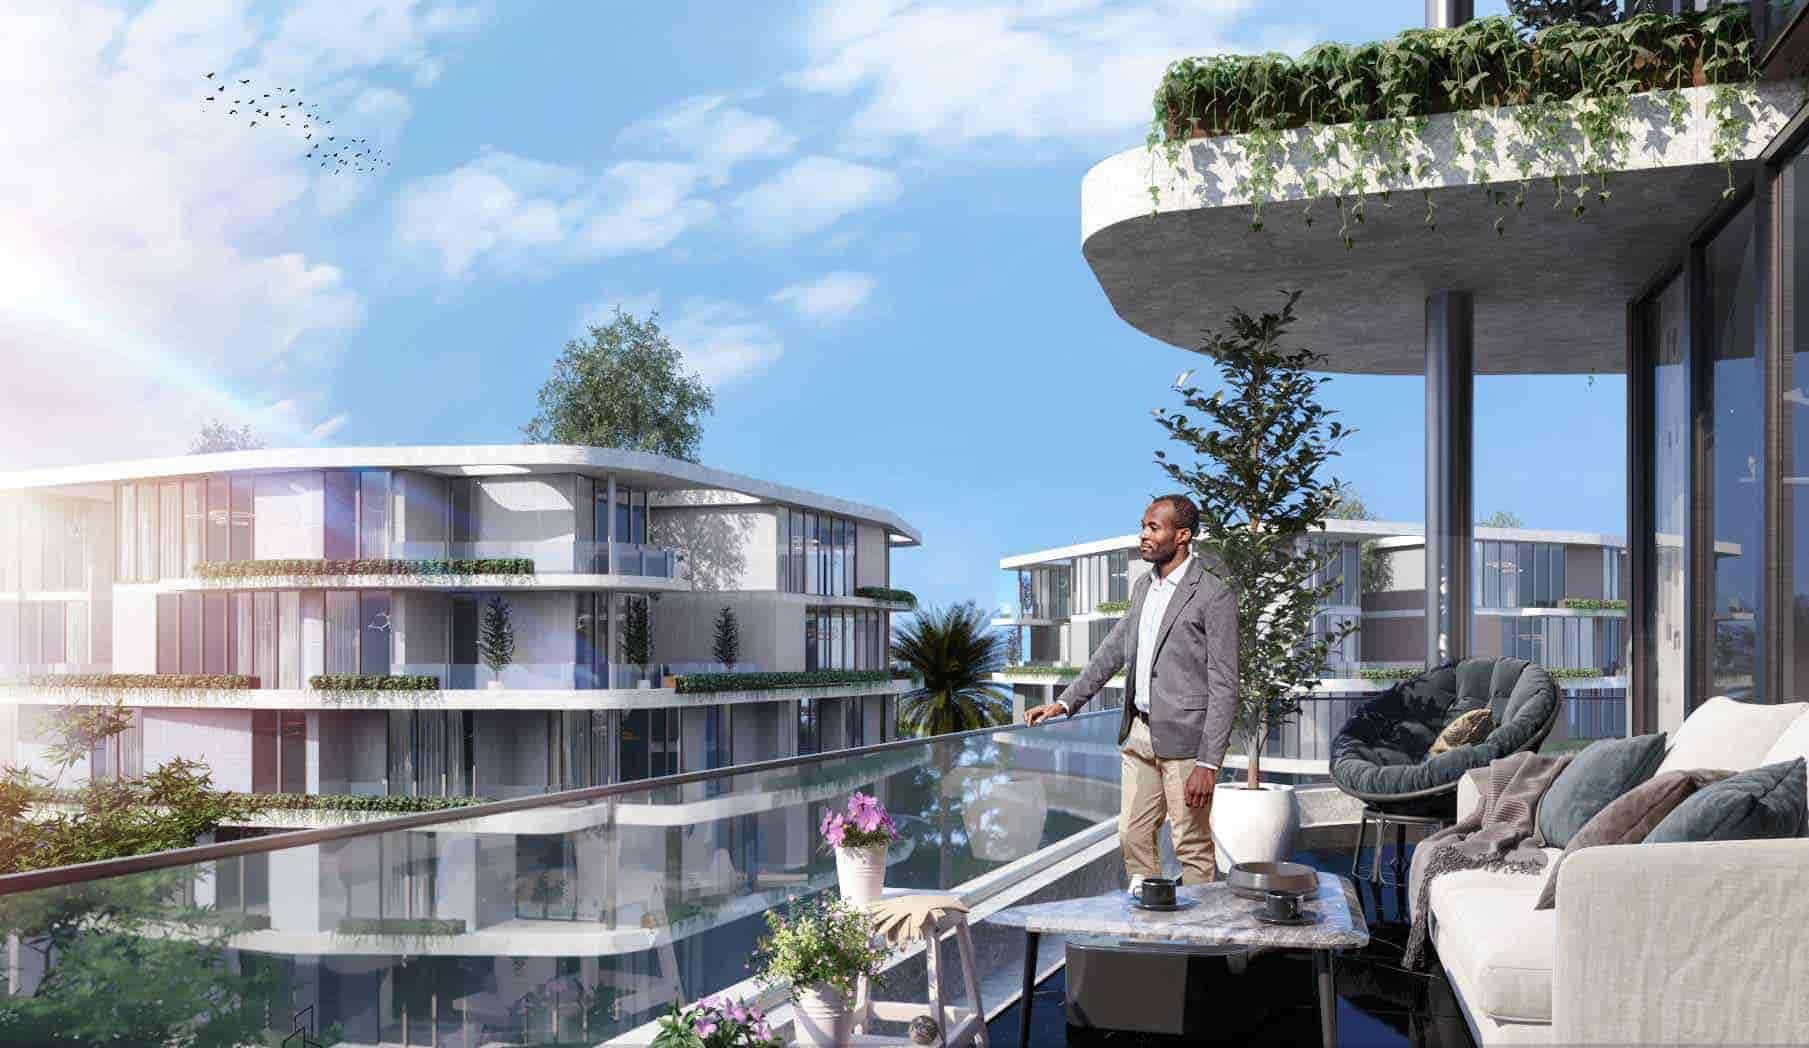 كمبوند ارمونيا العاصمة الادارية الجديدة - Armonia New Capital